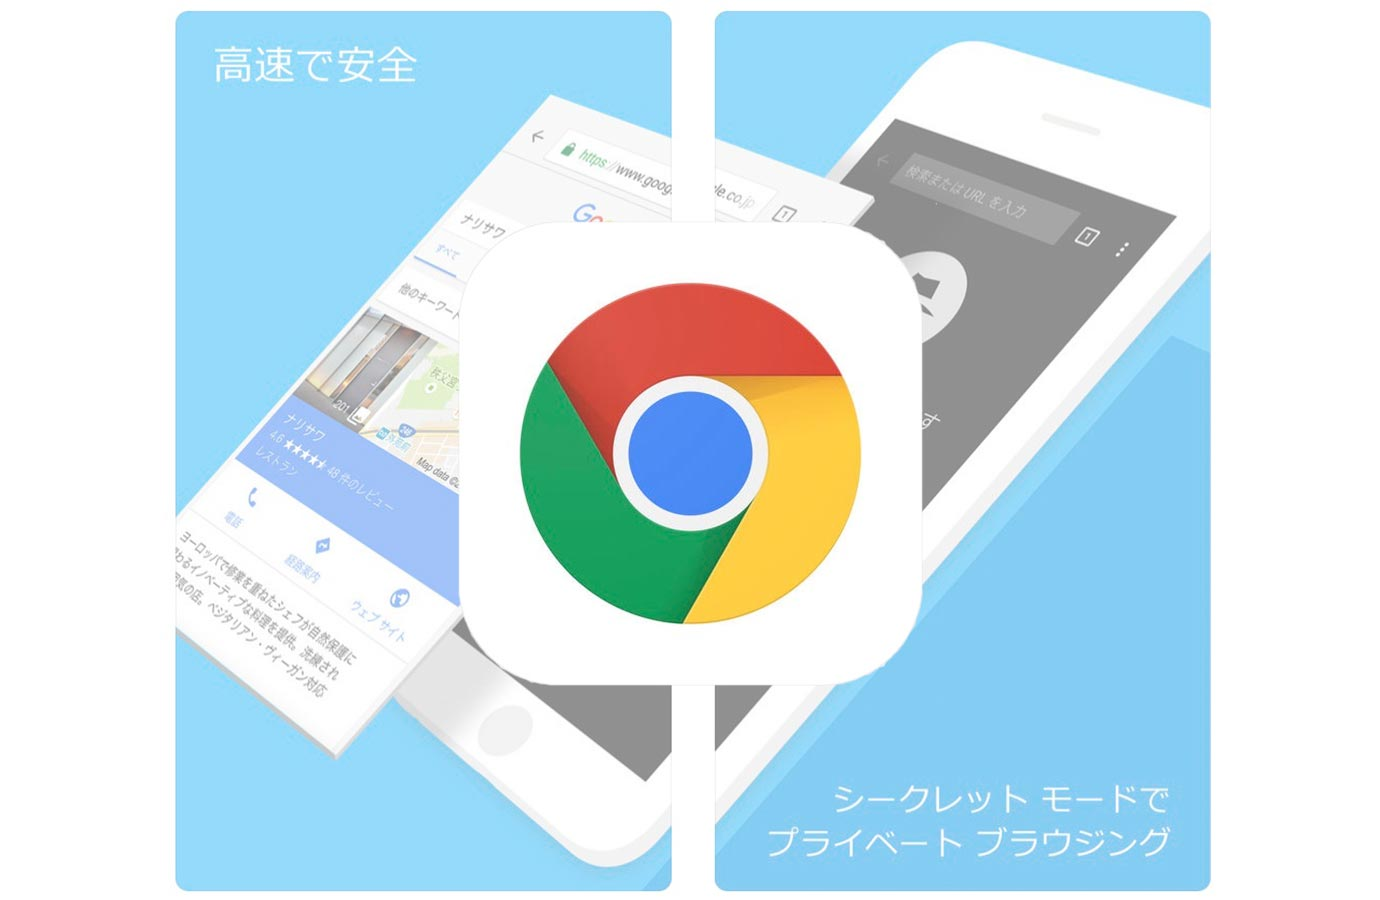 iOSアプリ「Chrome」がアップデートで、iPhone XでChrome がさらに使いやすく、対応OSはiOS 11以上に